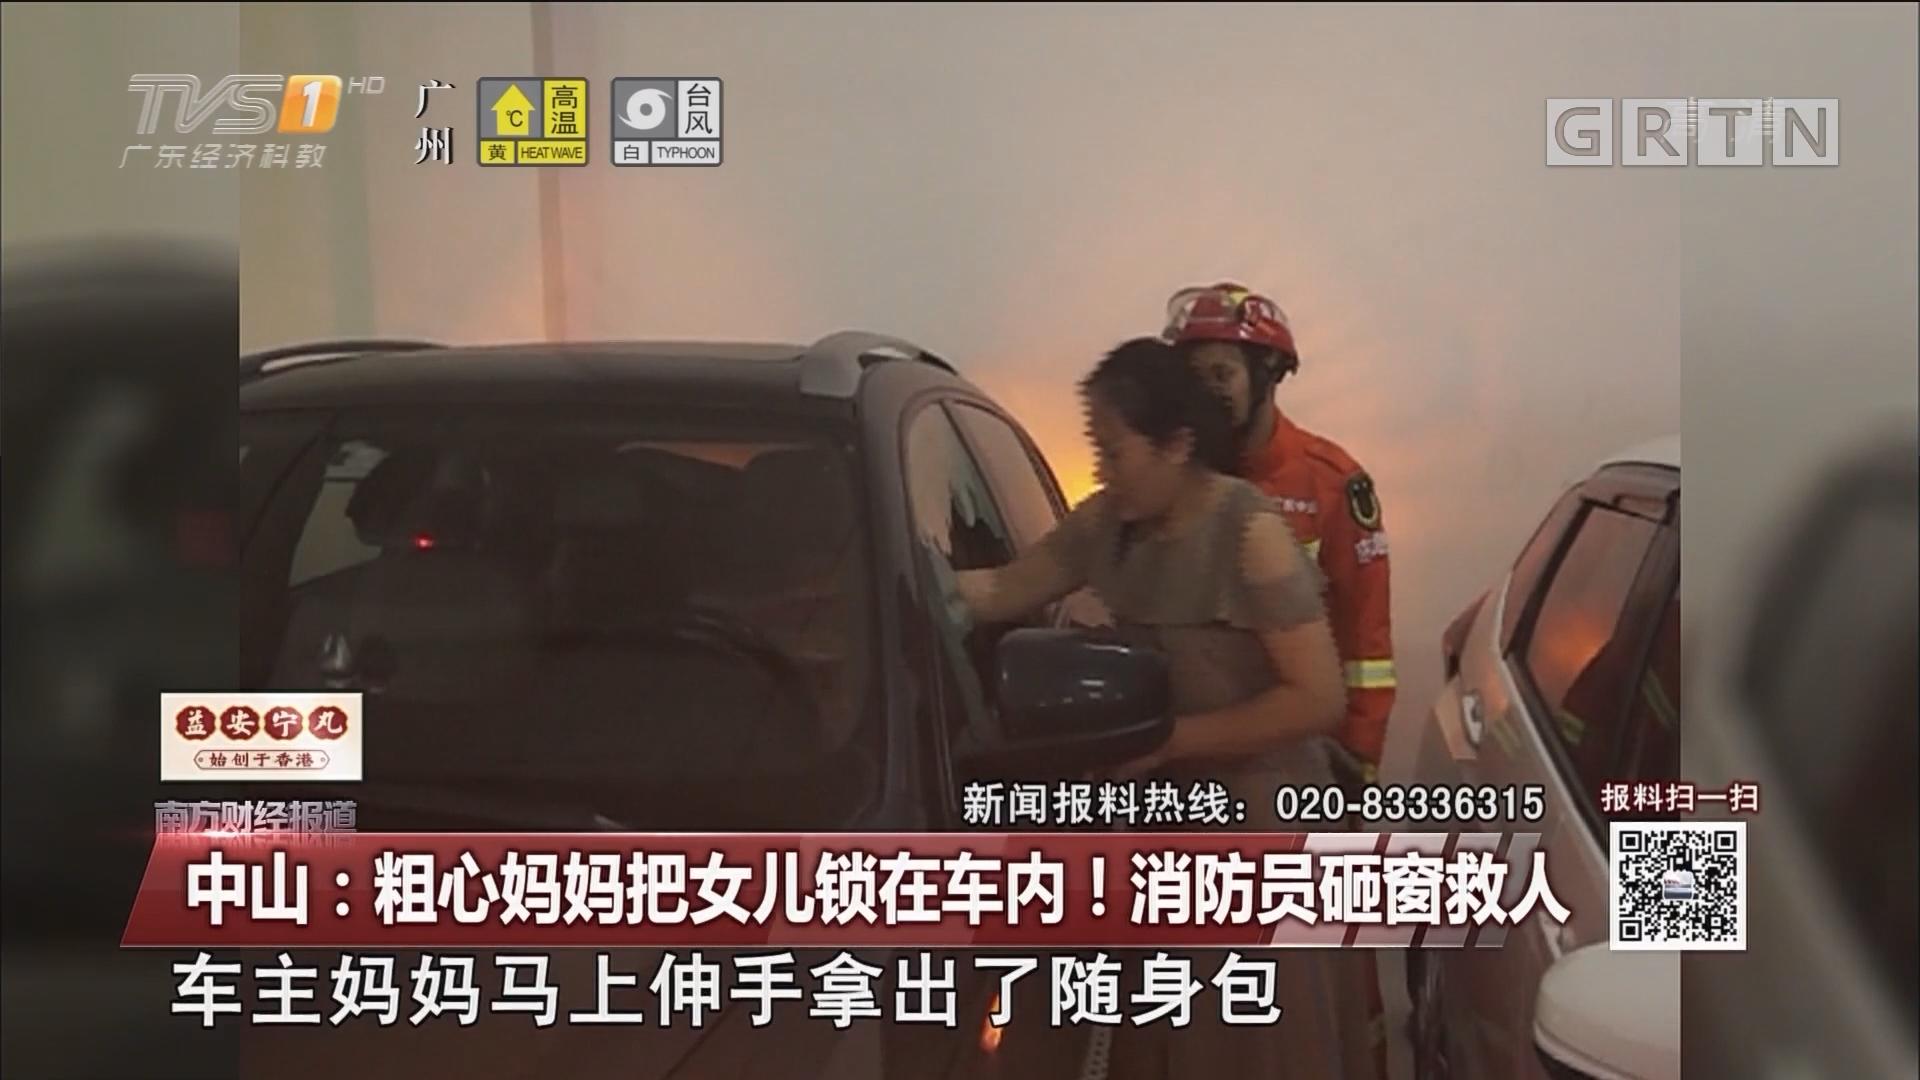 中山:粗心妈妈把女儿锁在车内!消防员砸窗救人